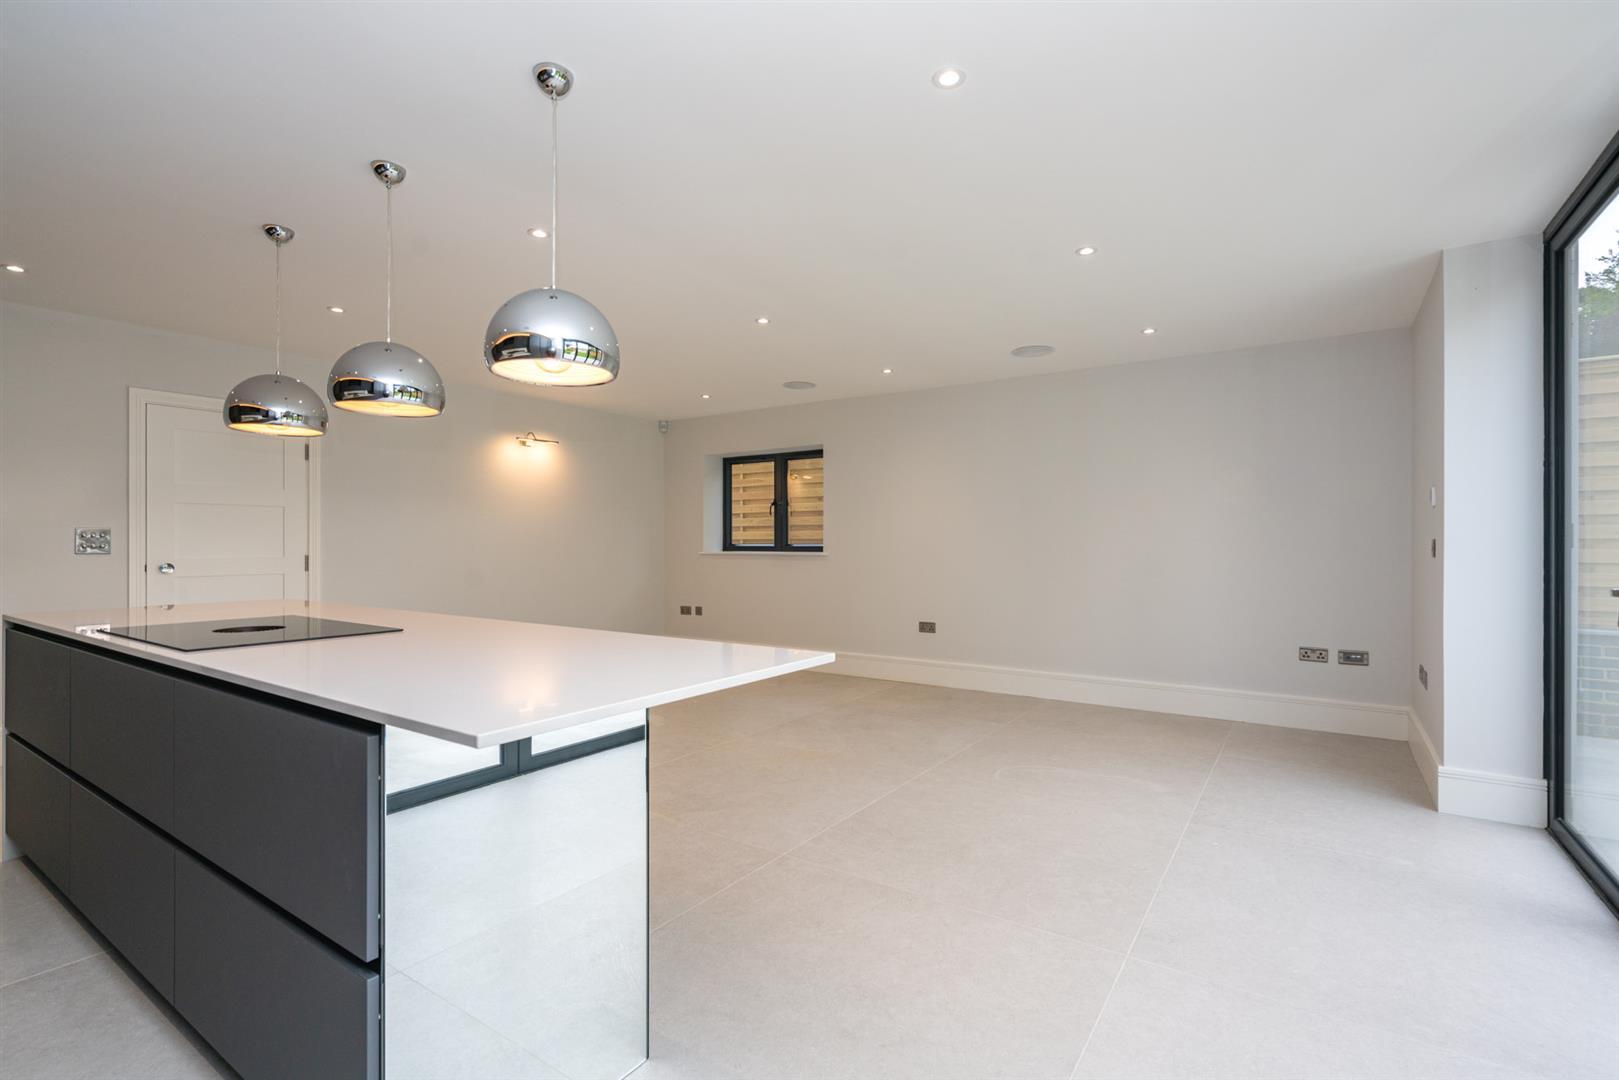 Hillcrest-3155 - kitchen 2.jpg